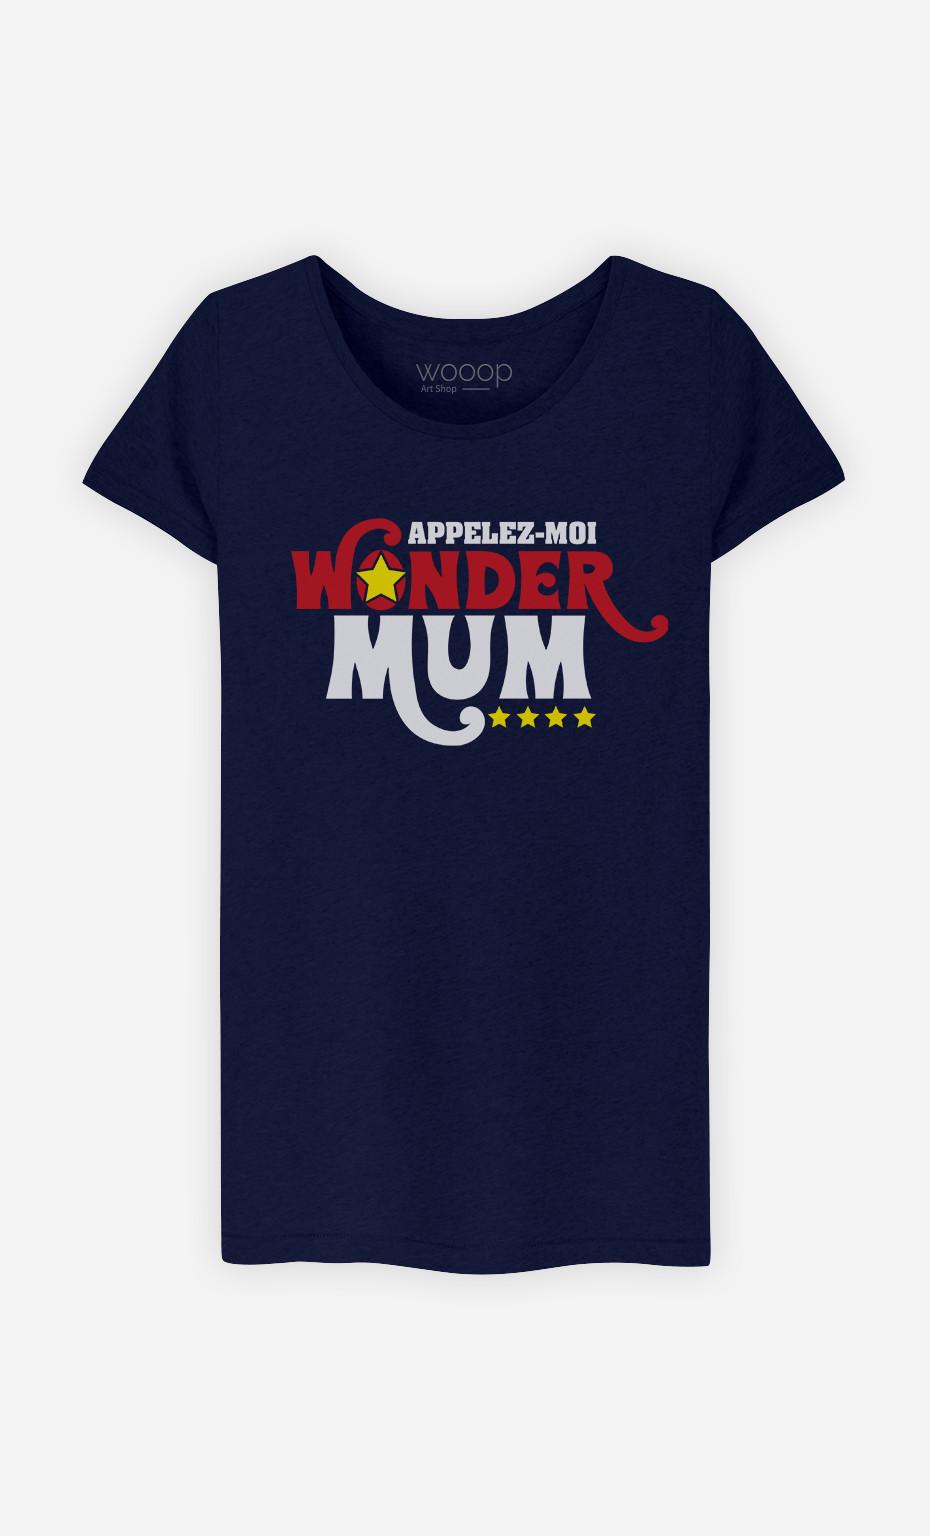 T-shirt Femme Appelez-moi Wonder Mum